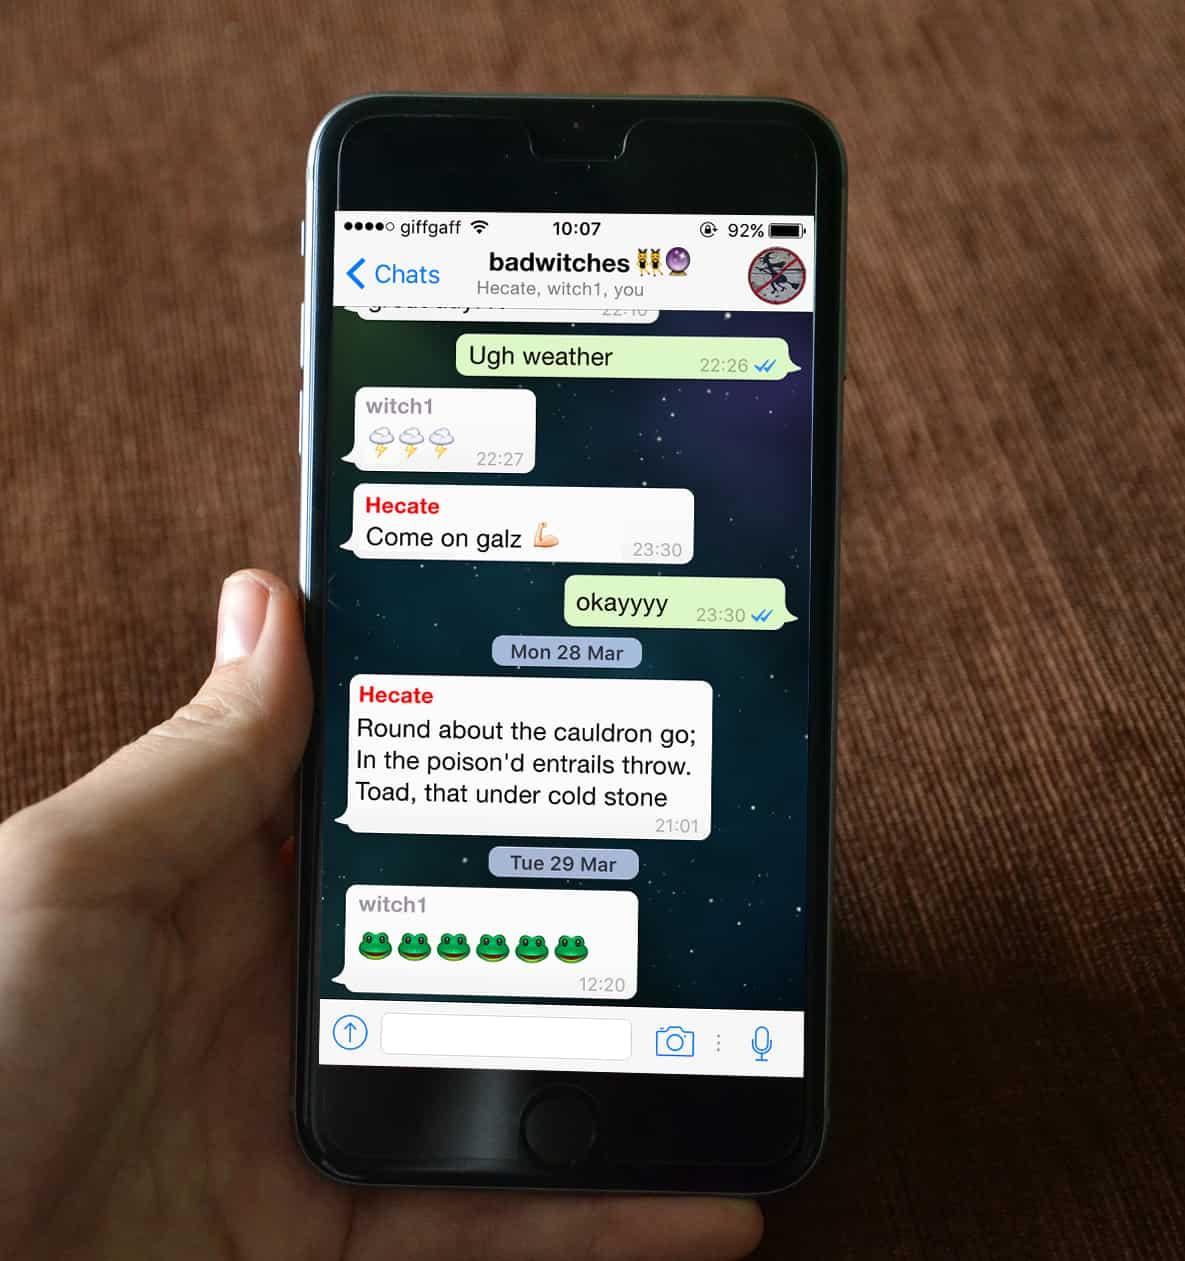 macbeth whatsapp